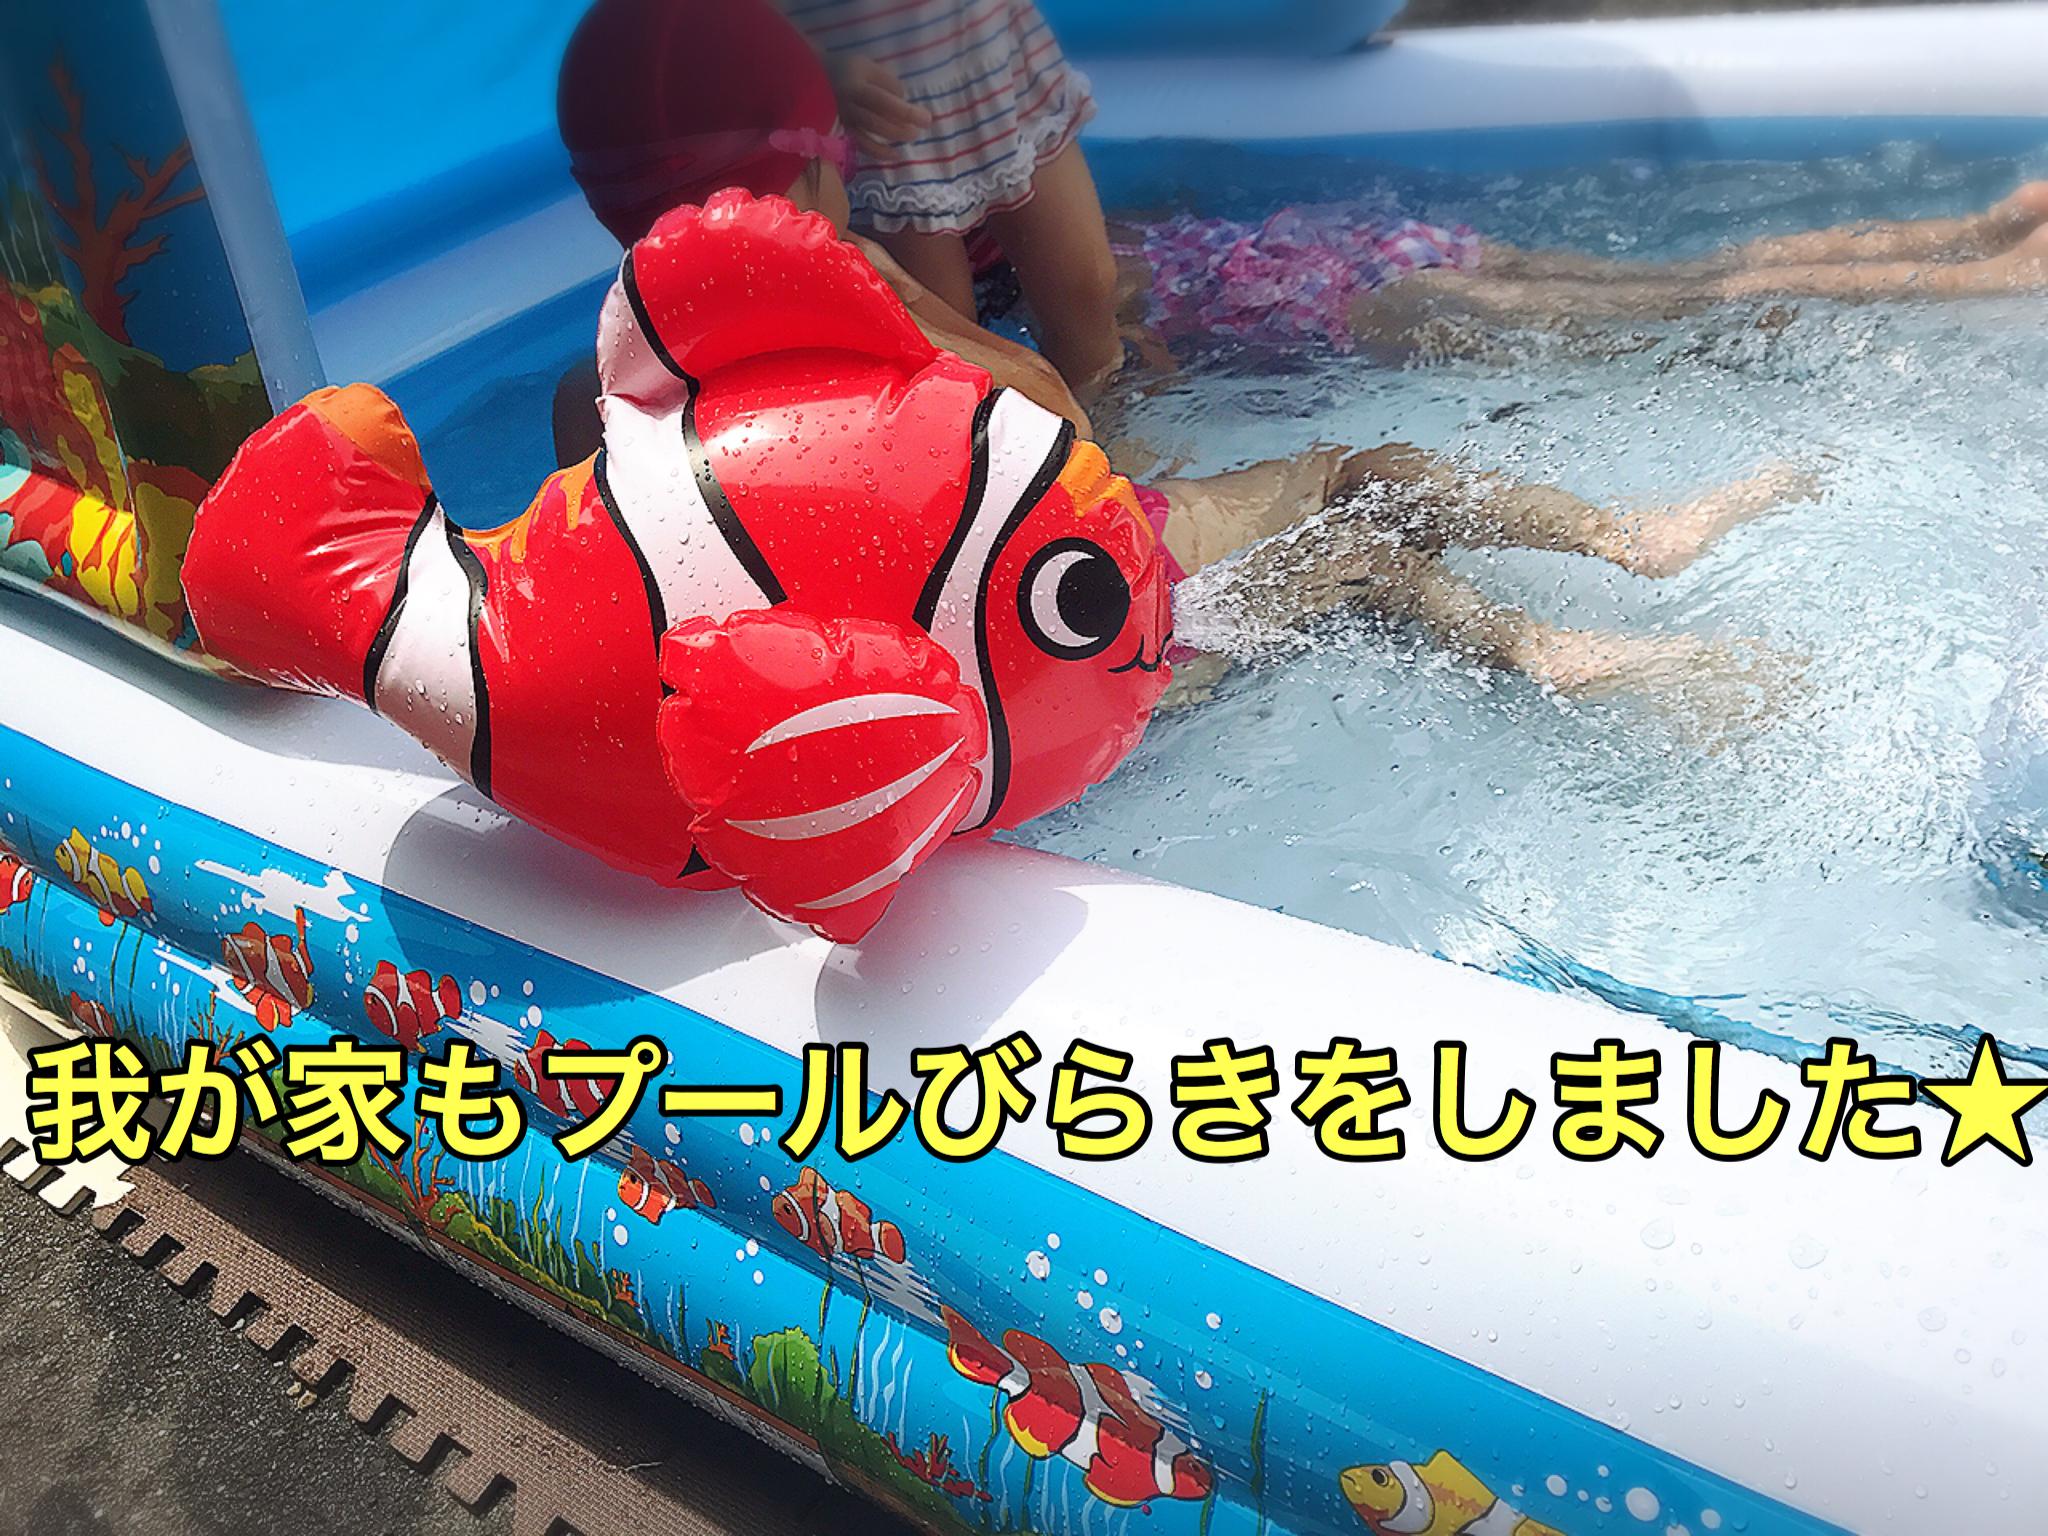 子供たちが大はしゃぎ!!巨大プールを自宅に設置しました